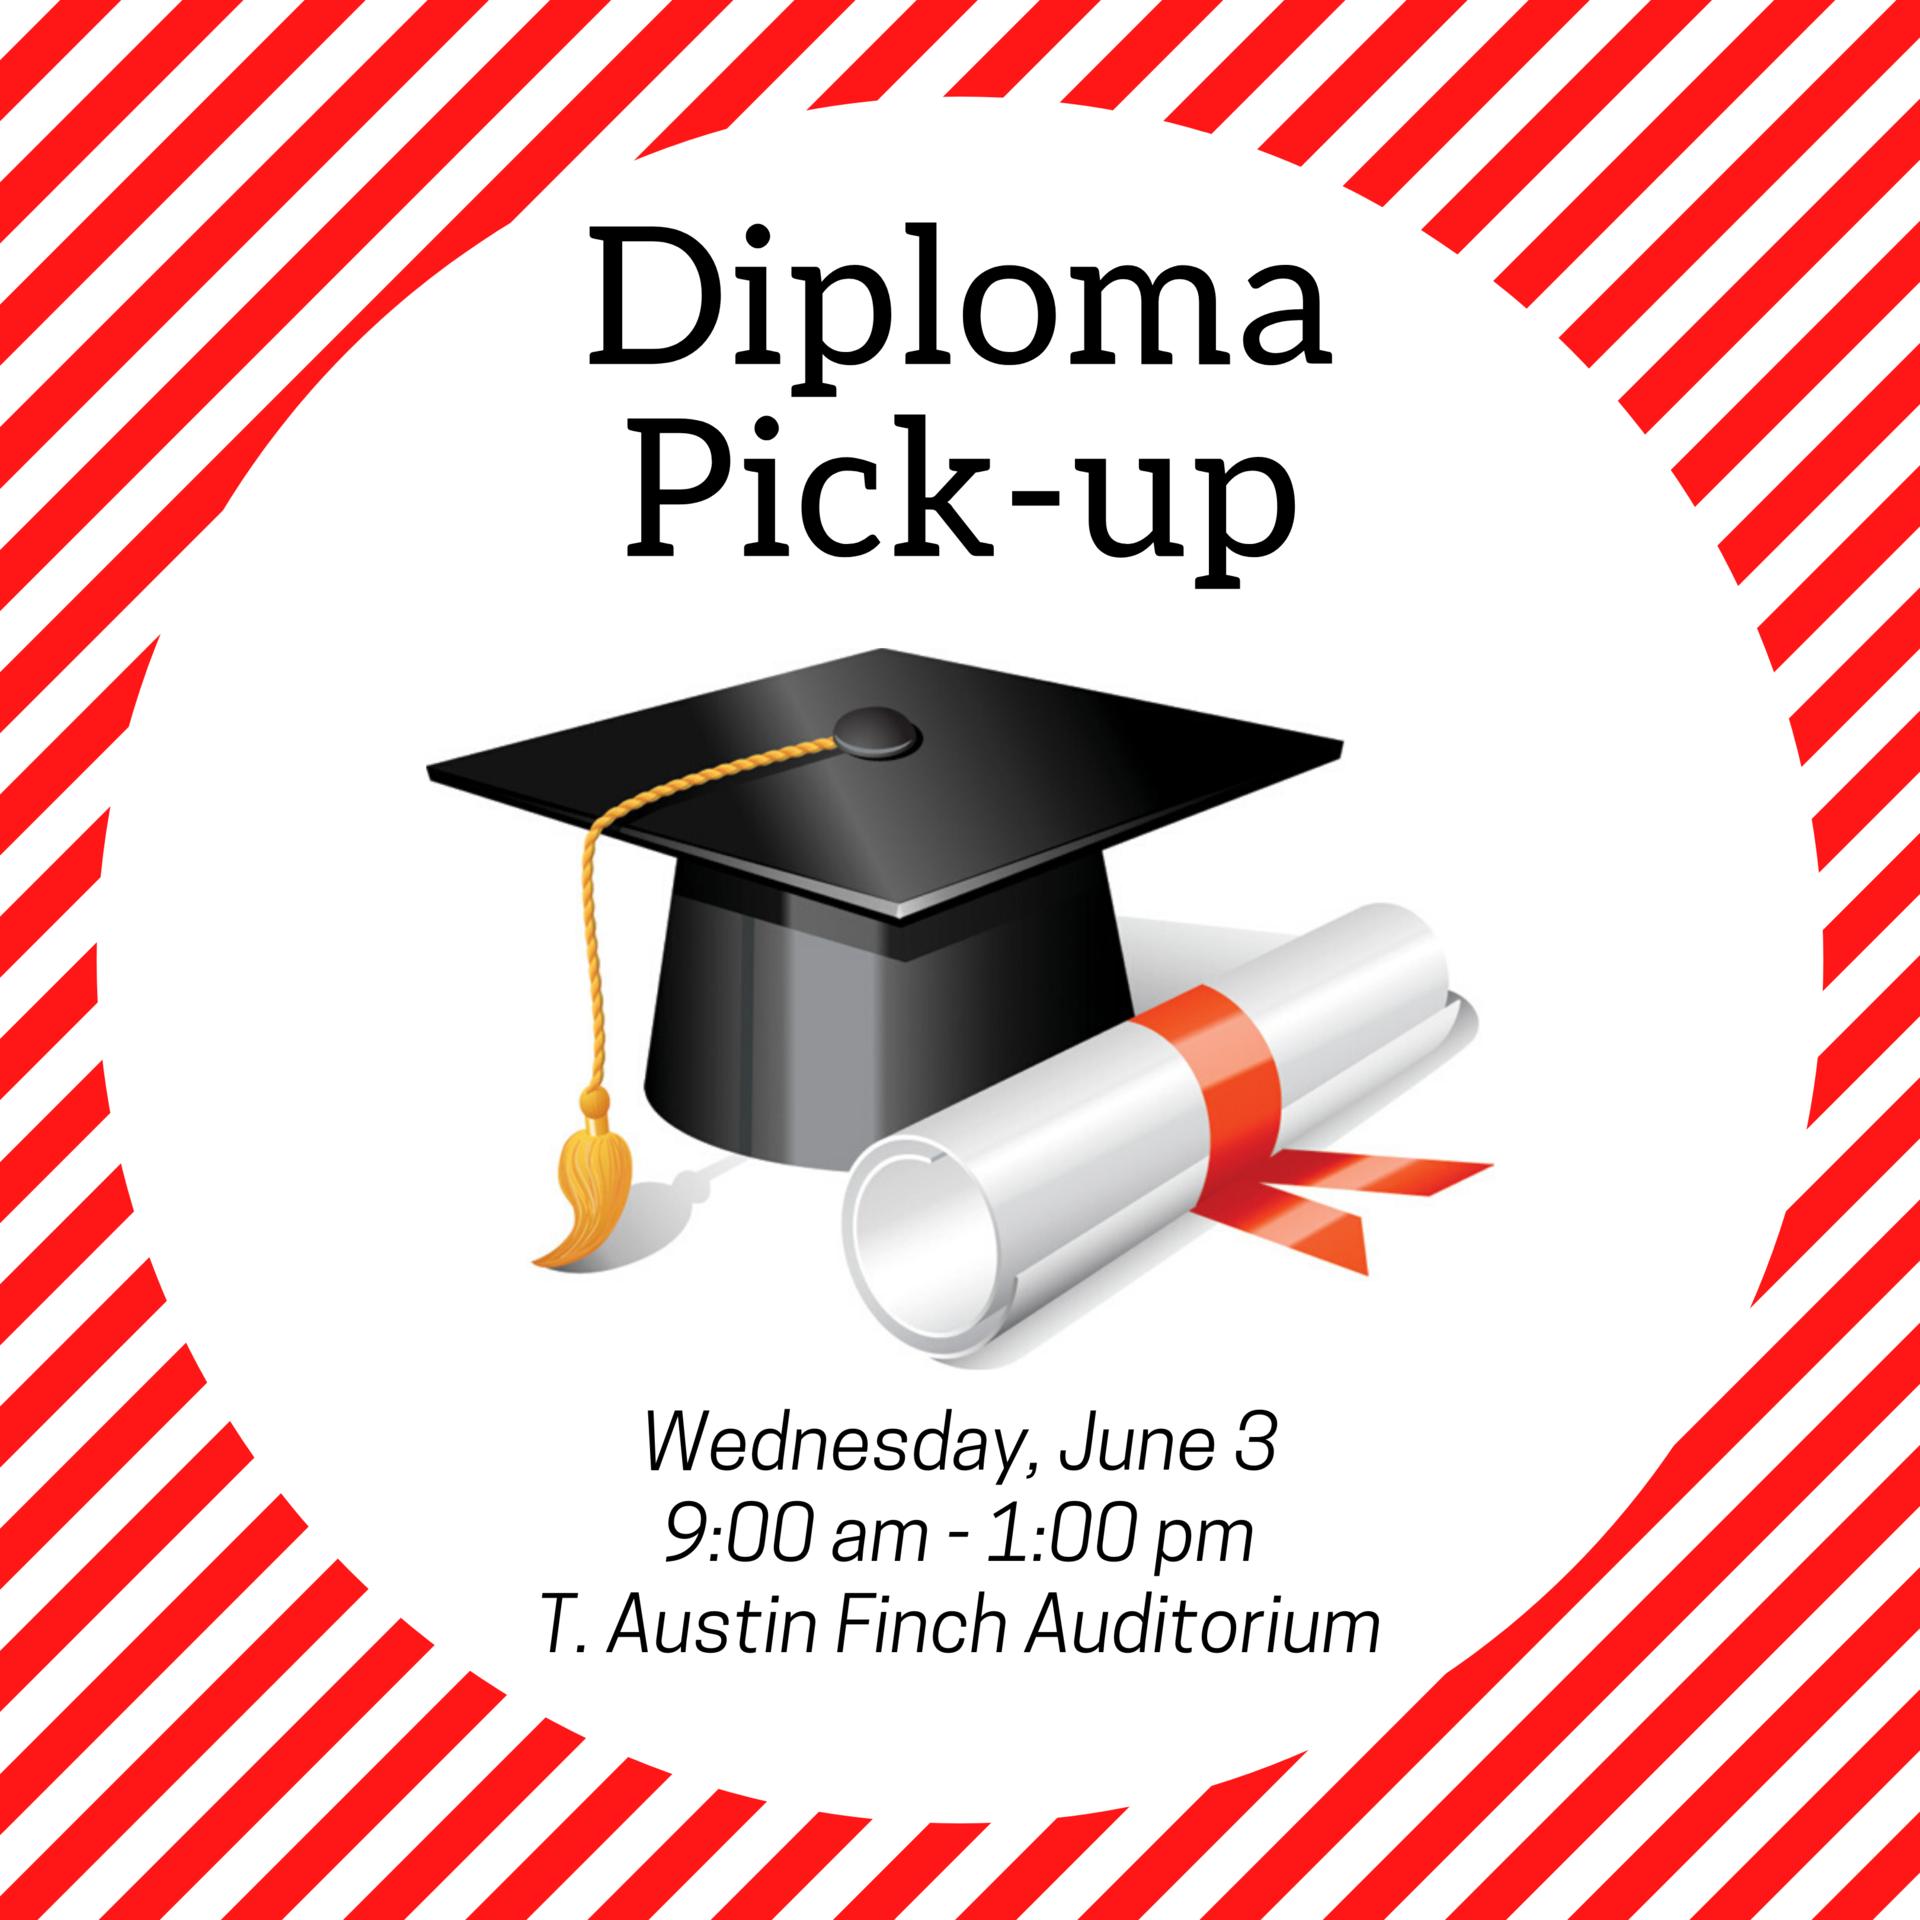 Diploma Pick-up